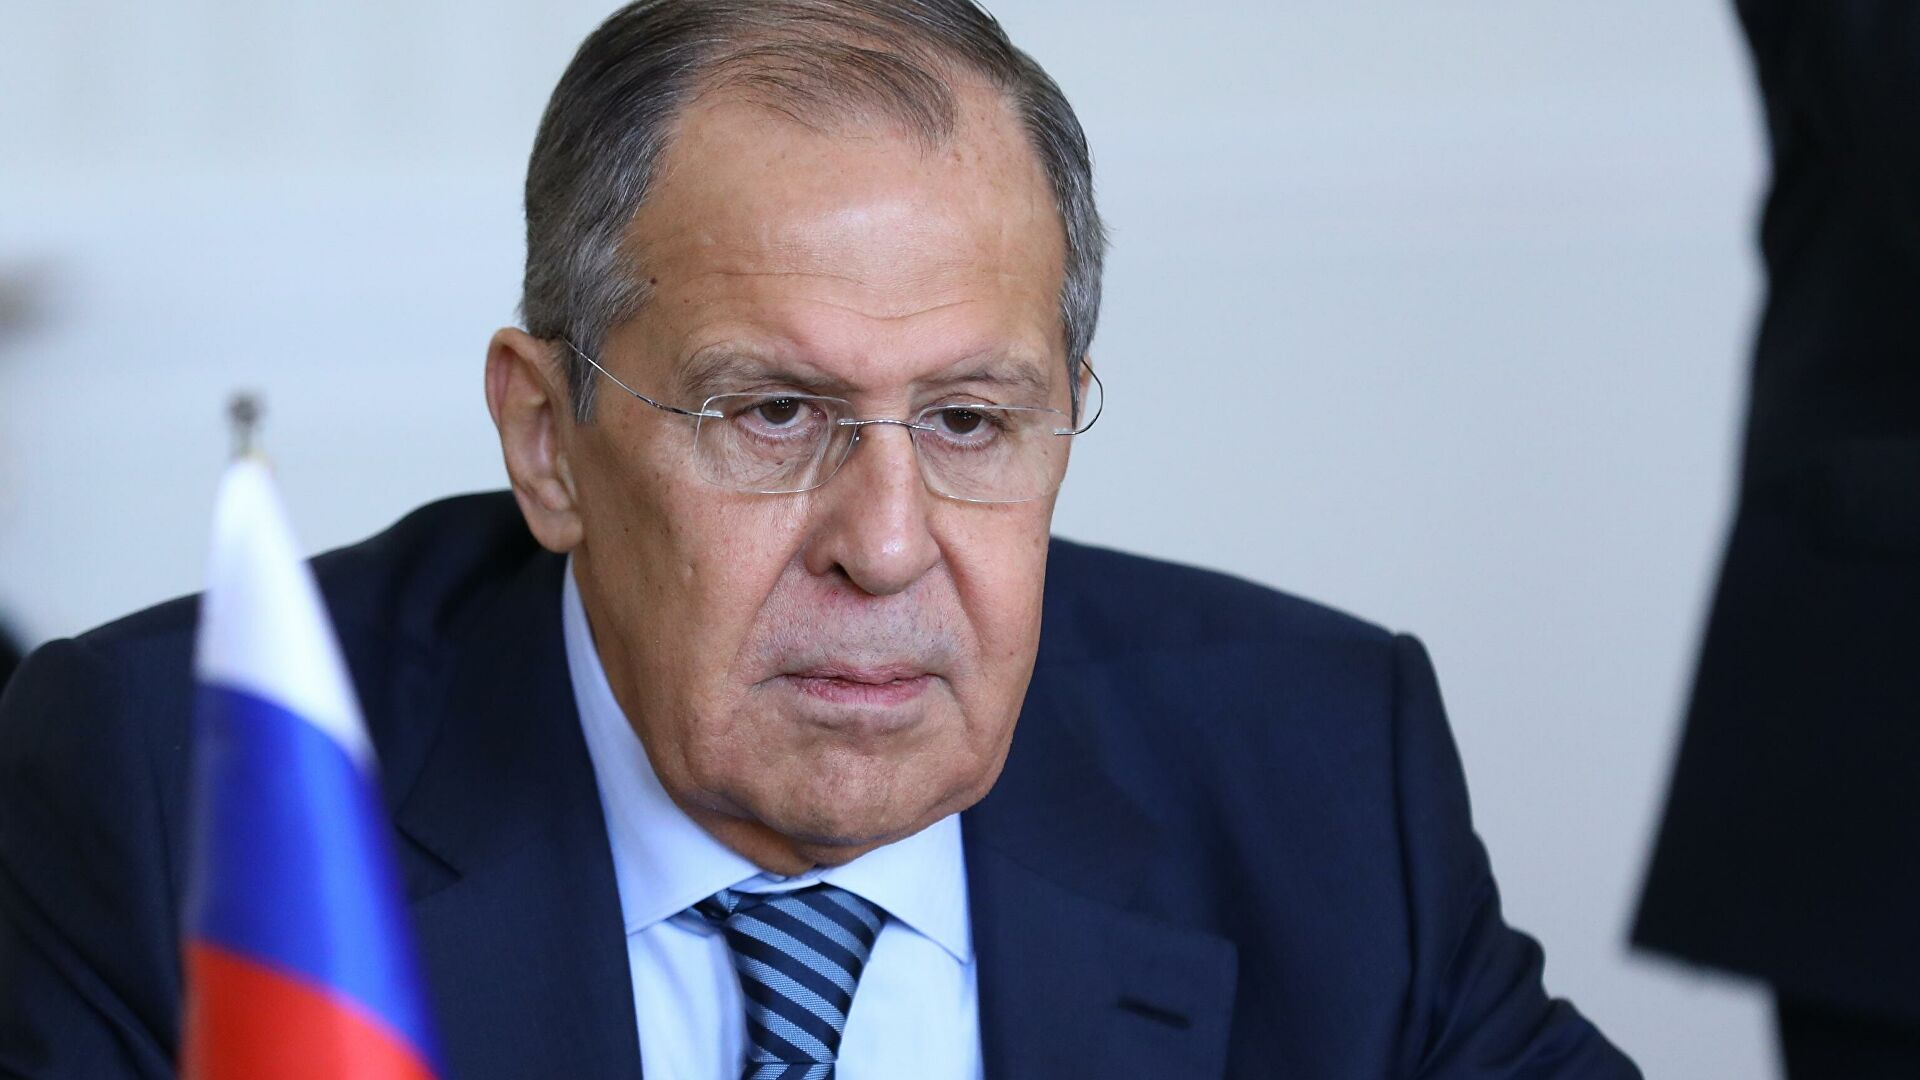 Лавров: Москва спремна да предузме даље мере ако САД наставе са ескалацијом